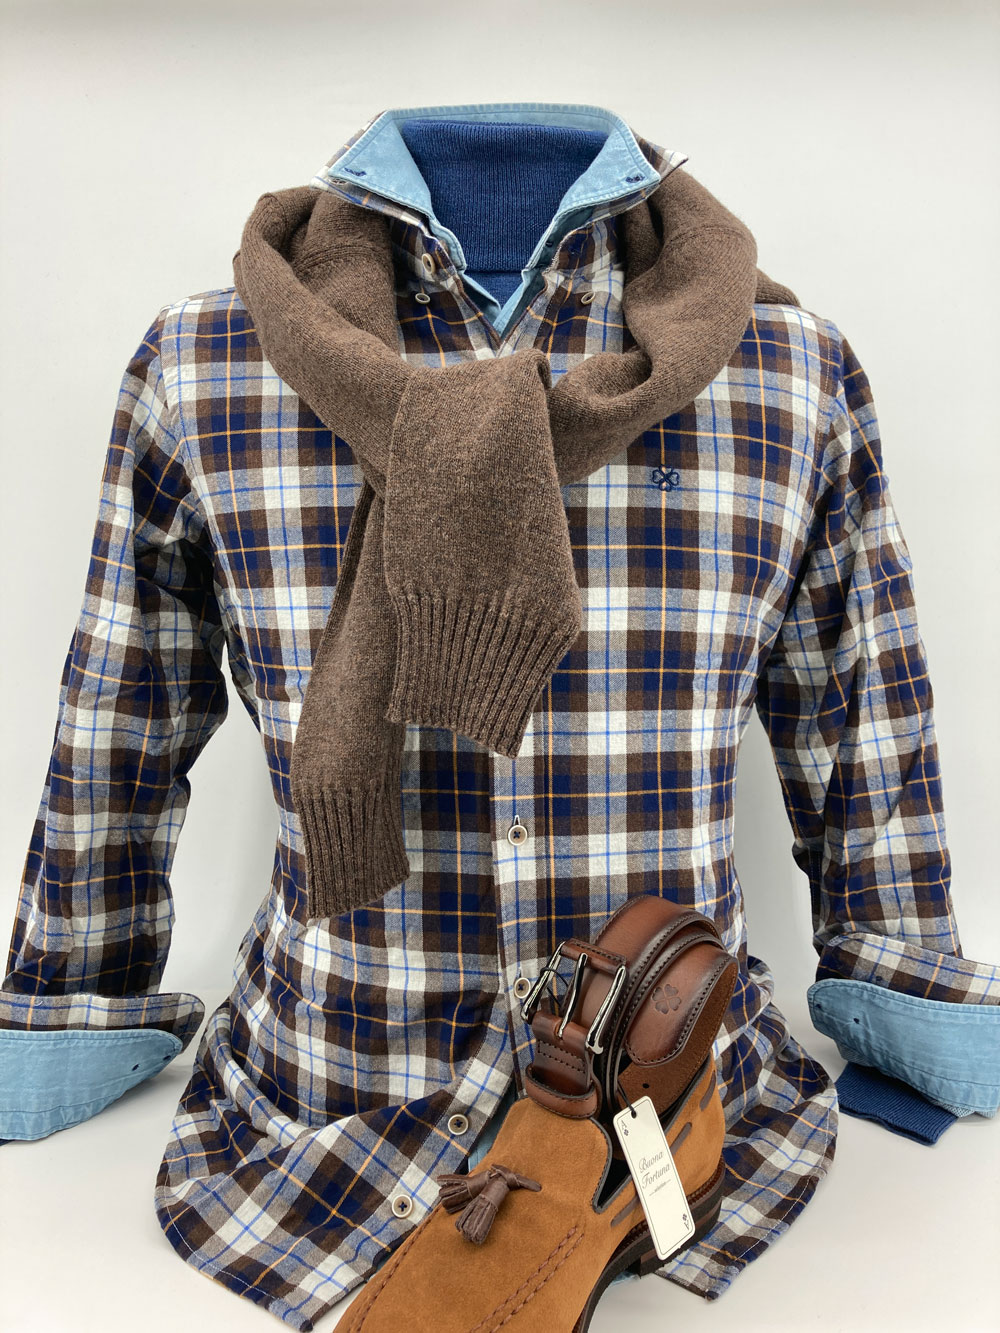 tienda online de ropa exclusiva de hombre camisas jerseis zapatos cinturones corbatas pashminas